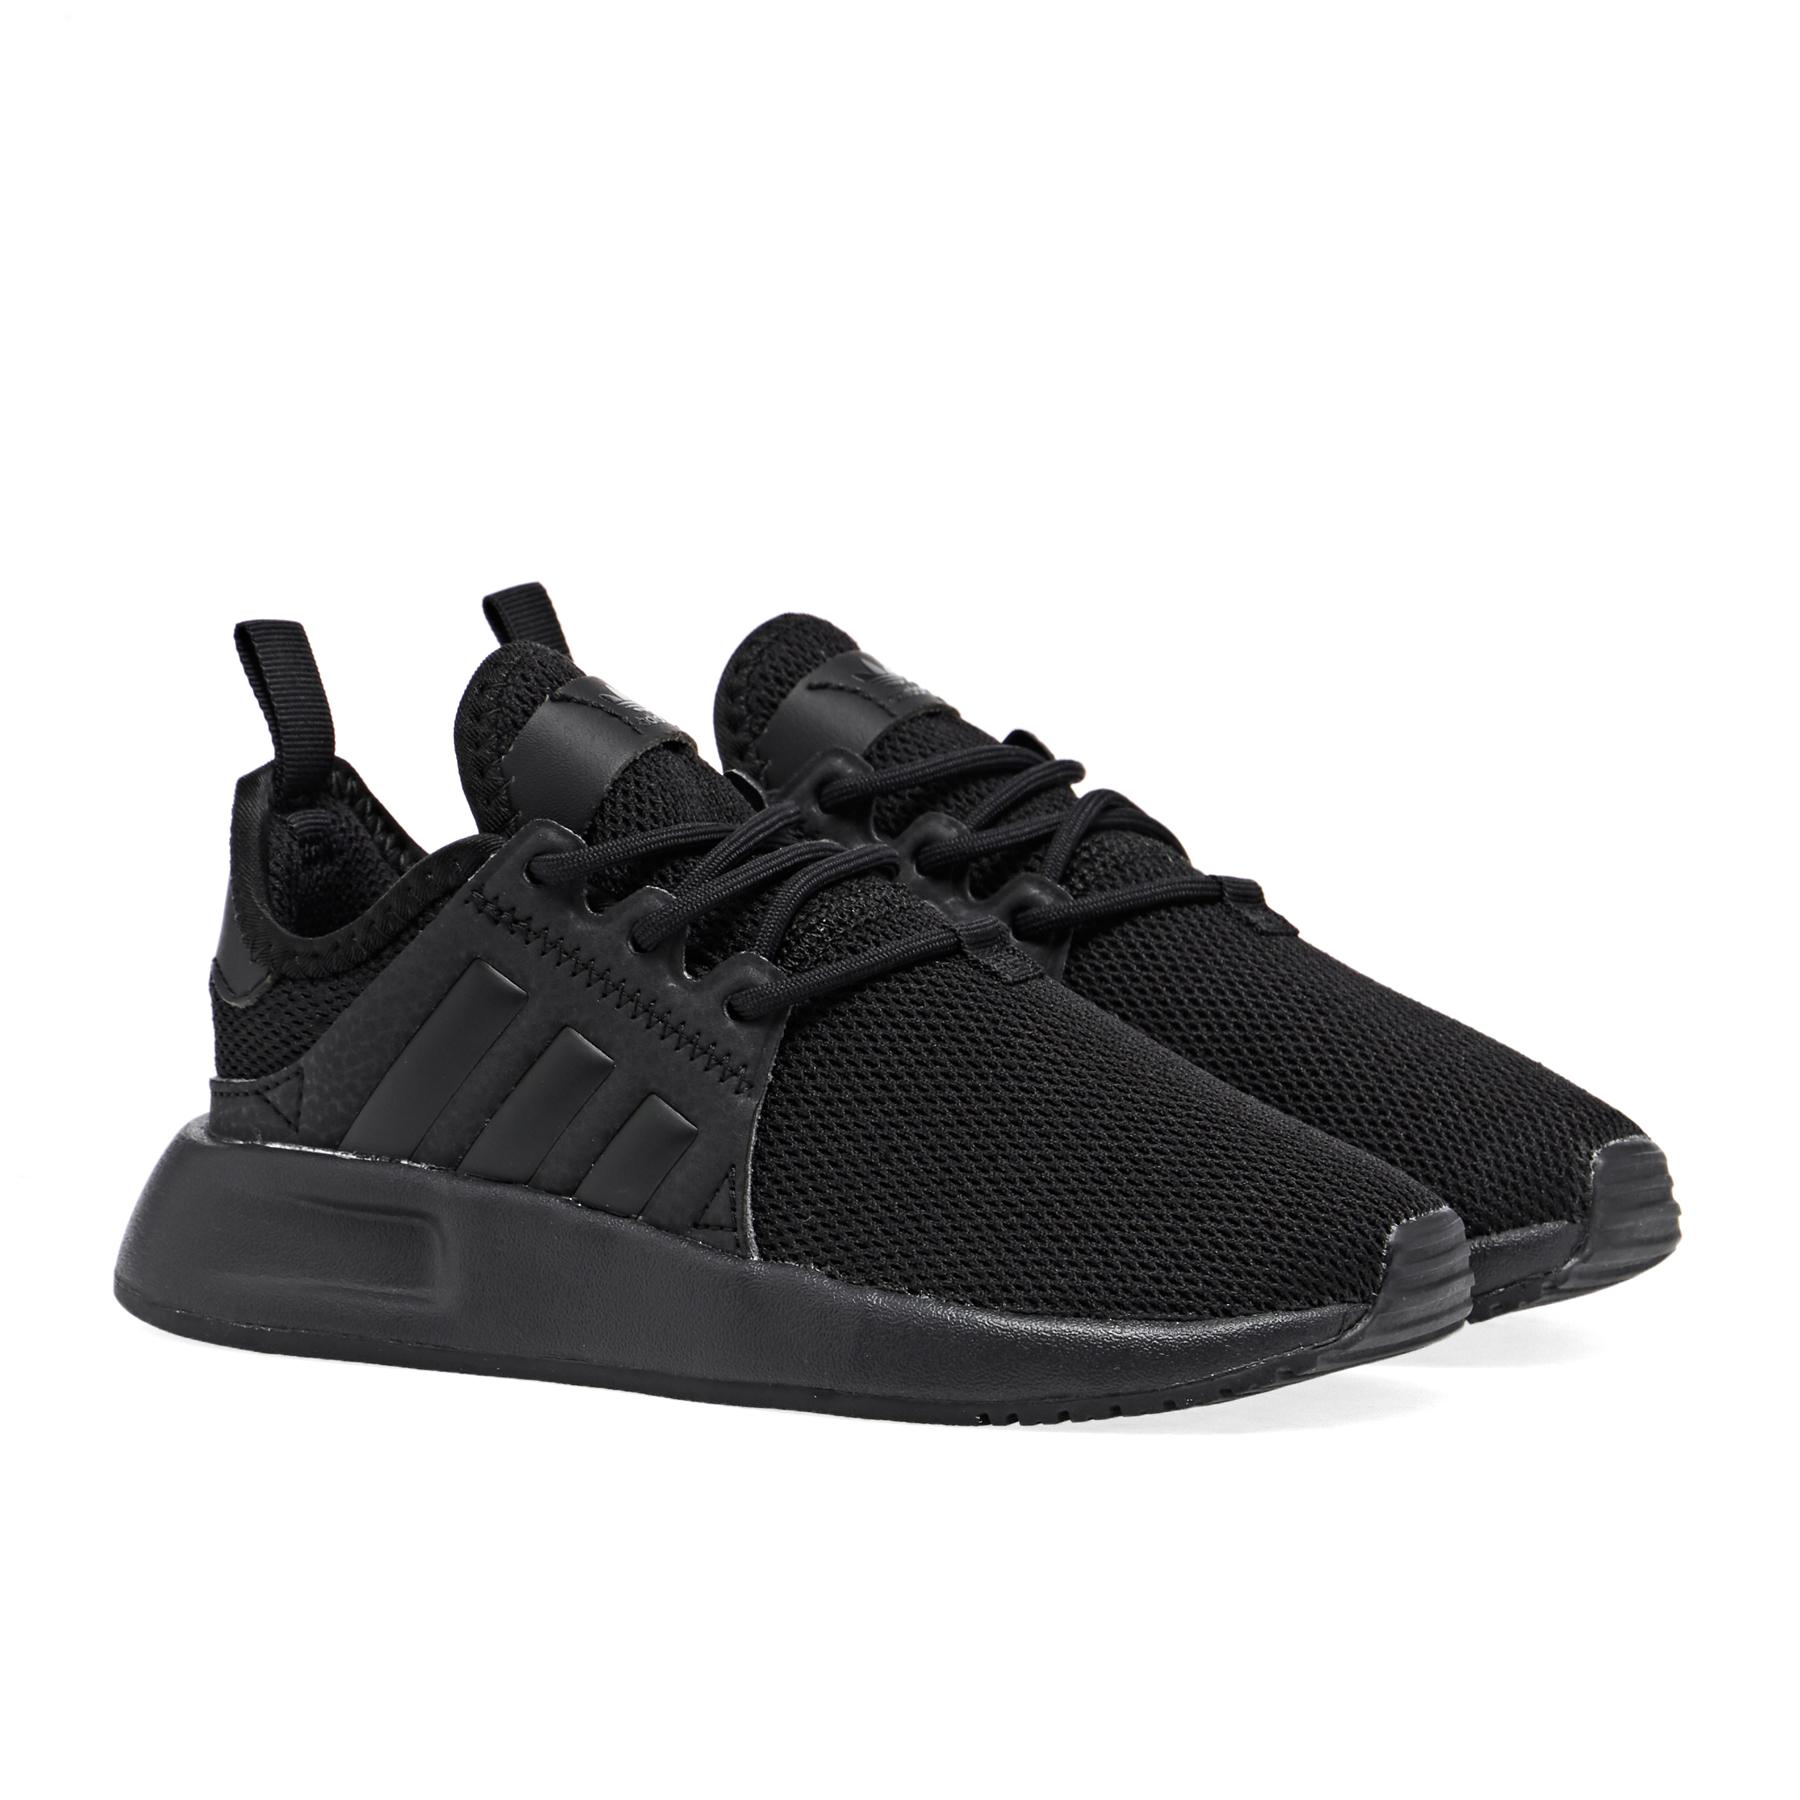 Chaussures Enfant Adidas Originals X_PLR C | Livraison